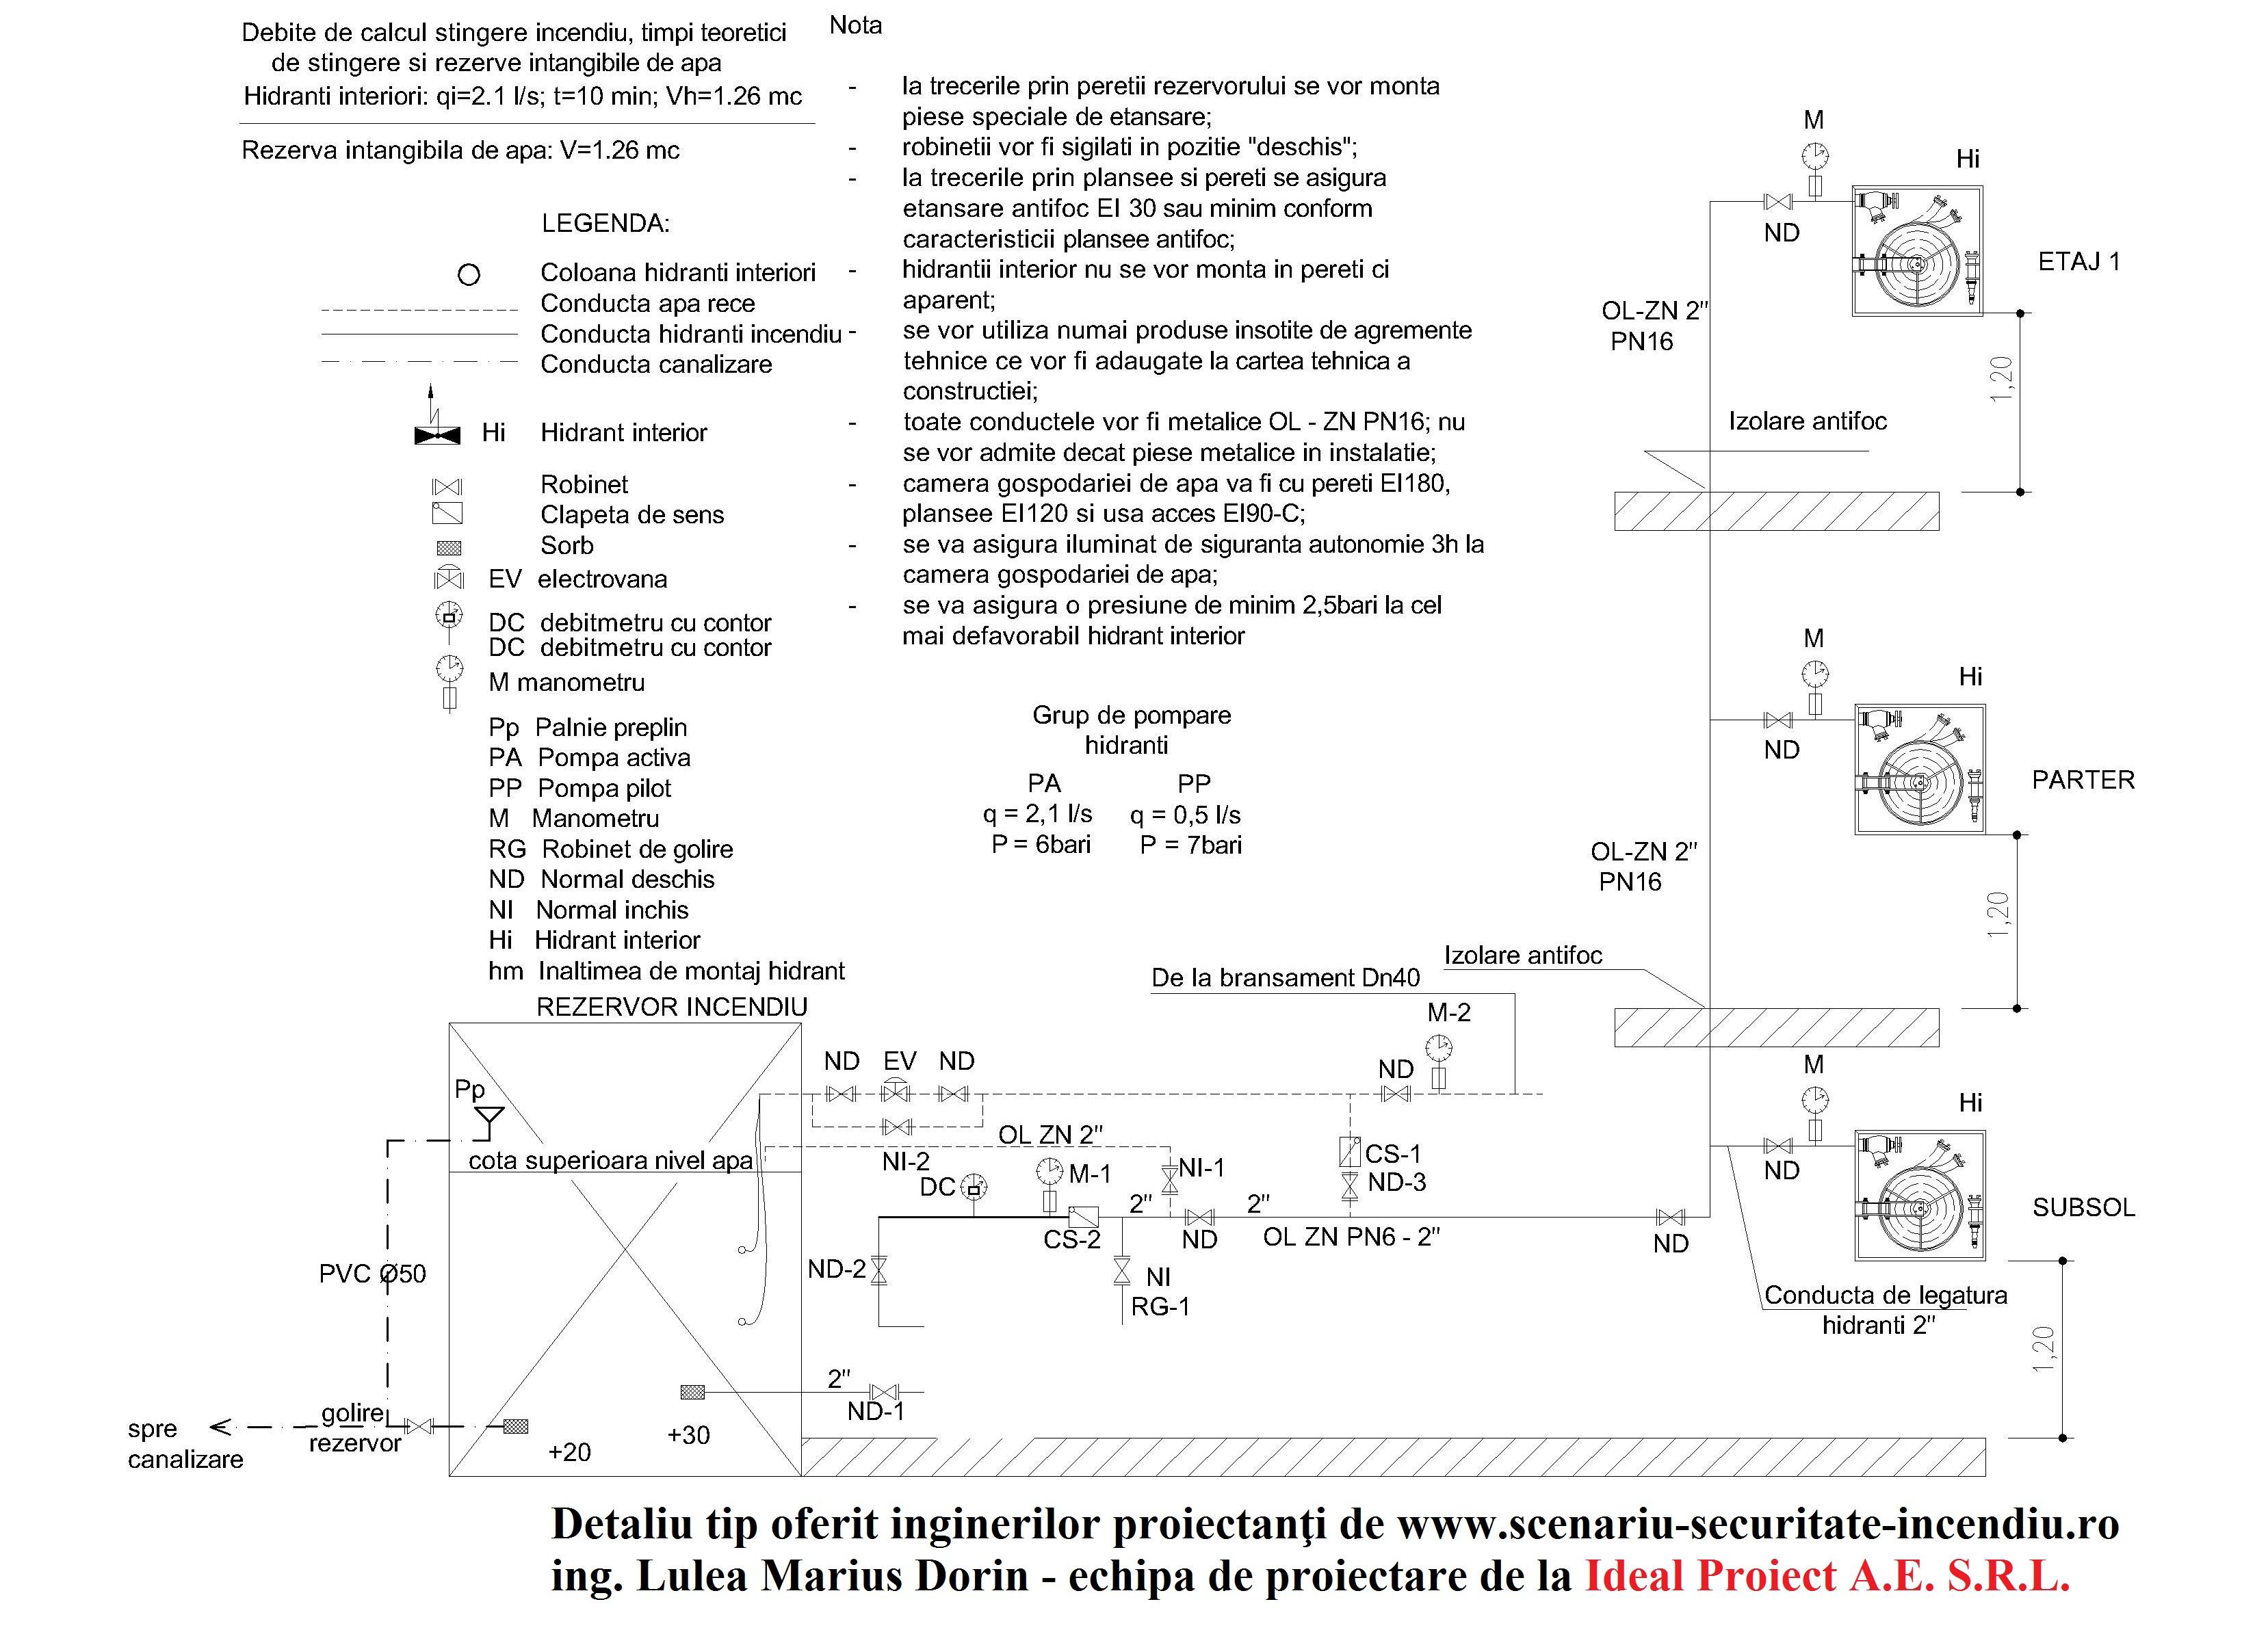 detaliu schema hidranti interiori inginer lulea marius dorin ideal proiect ae proiectant incendiu